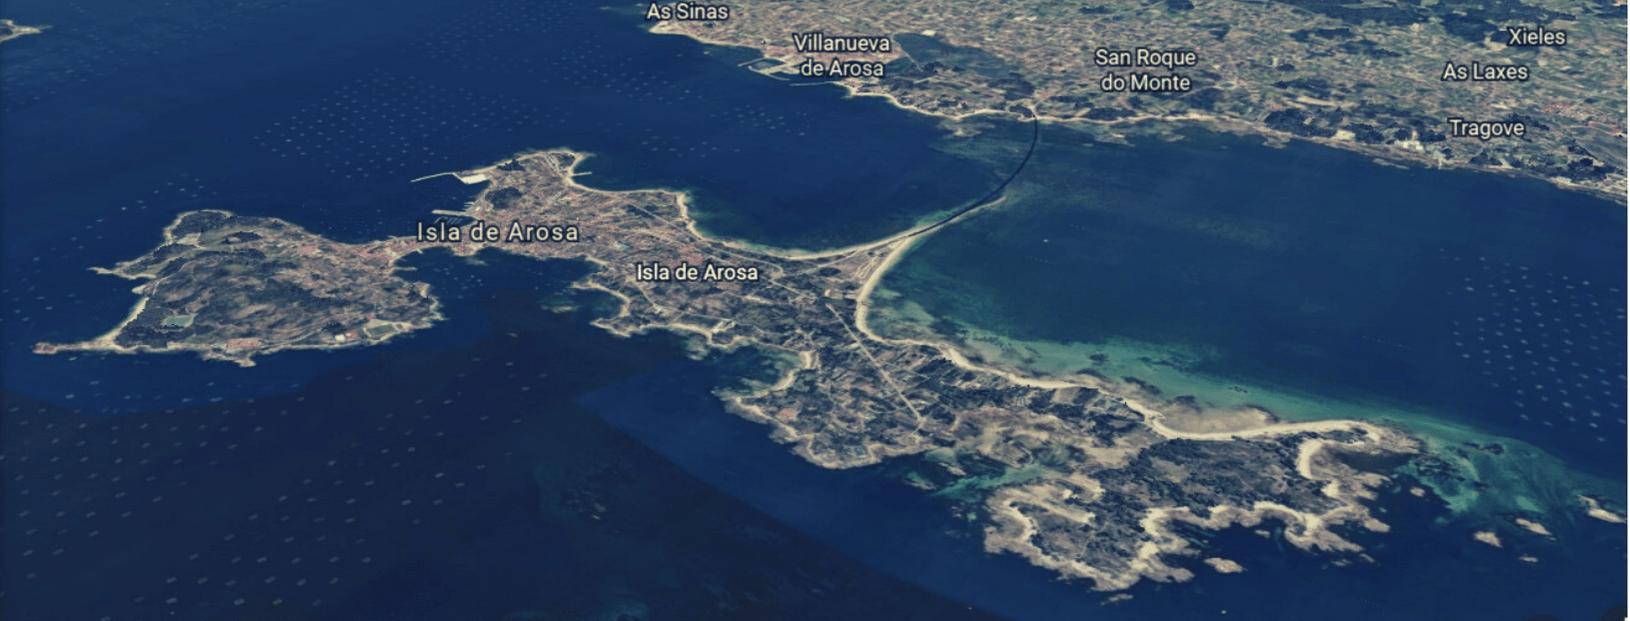 Isla de Arousa Satelite min